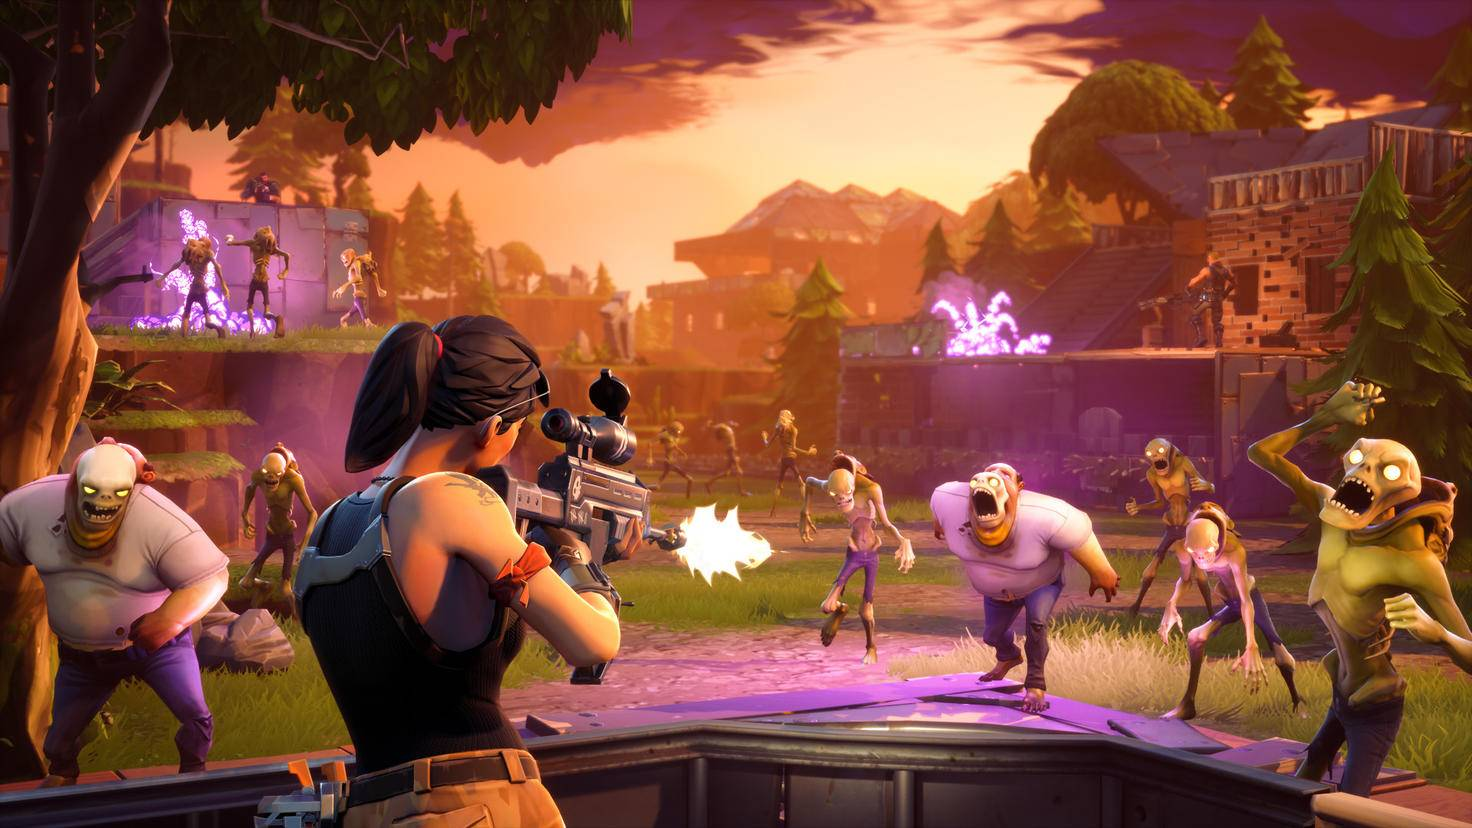 Fortnite Xbox One Spel Action Onlinespel